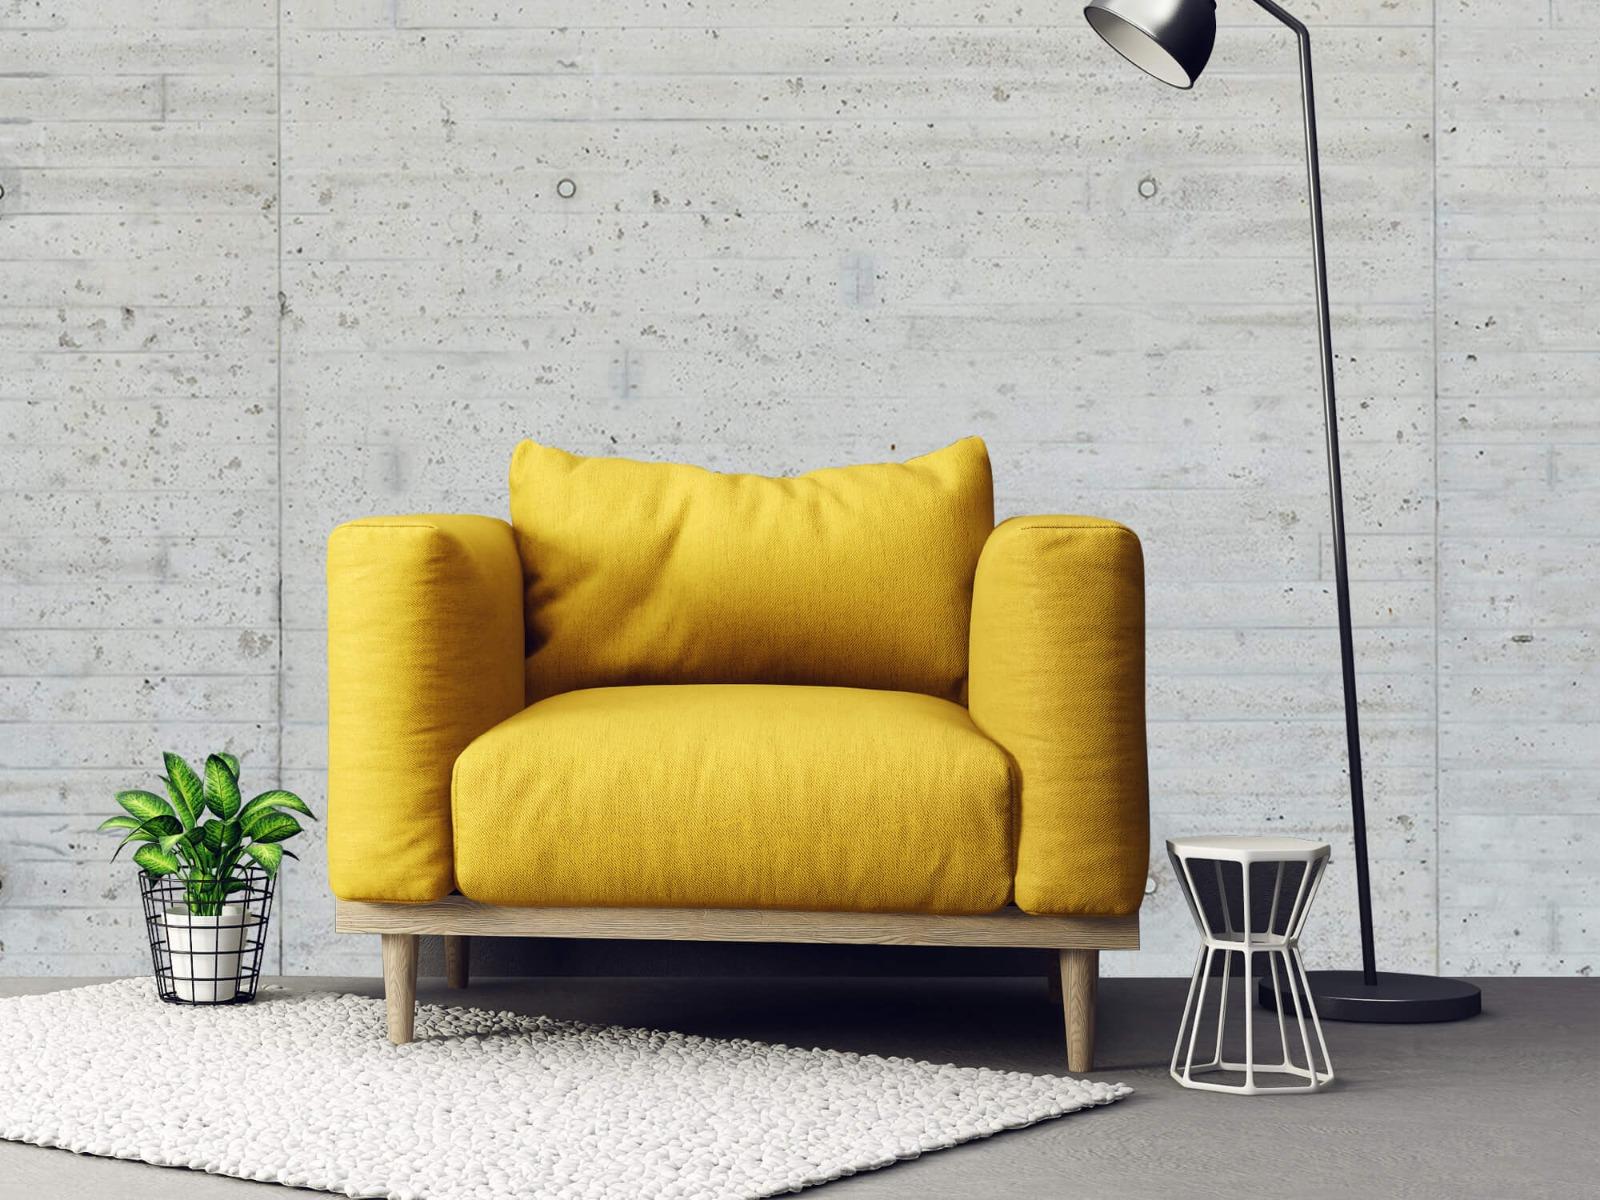 Betonlook behang - Beton stroken - Wallexclusive - Magazijn 21